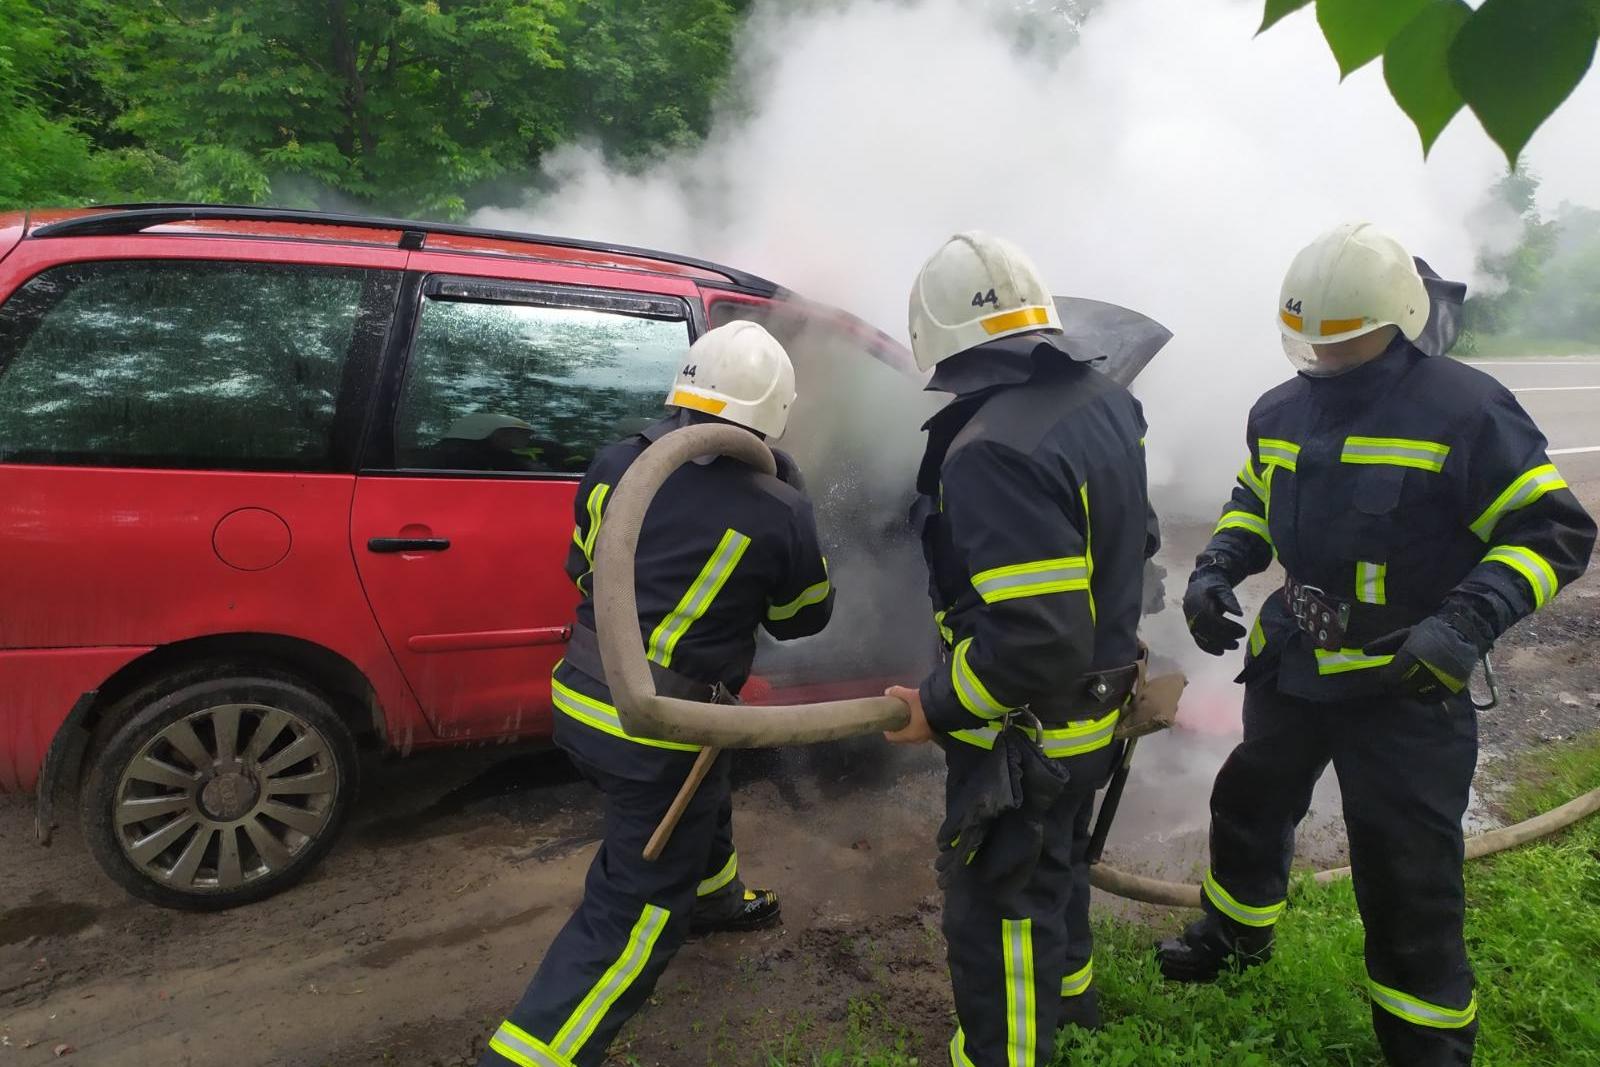 На Харьковщине во время движения загорелся автомобиль (фото)